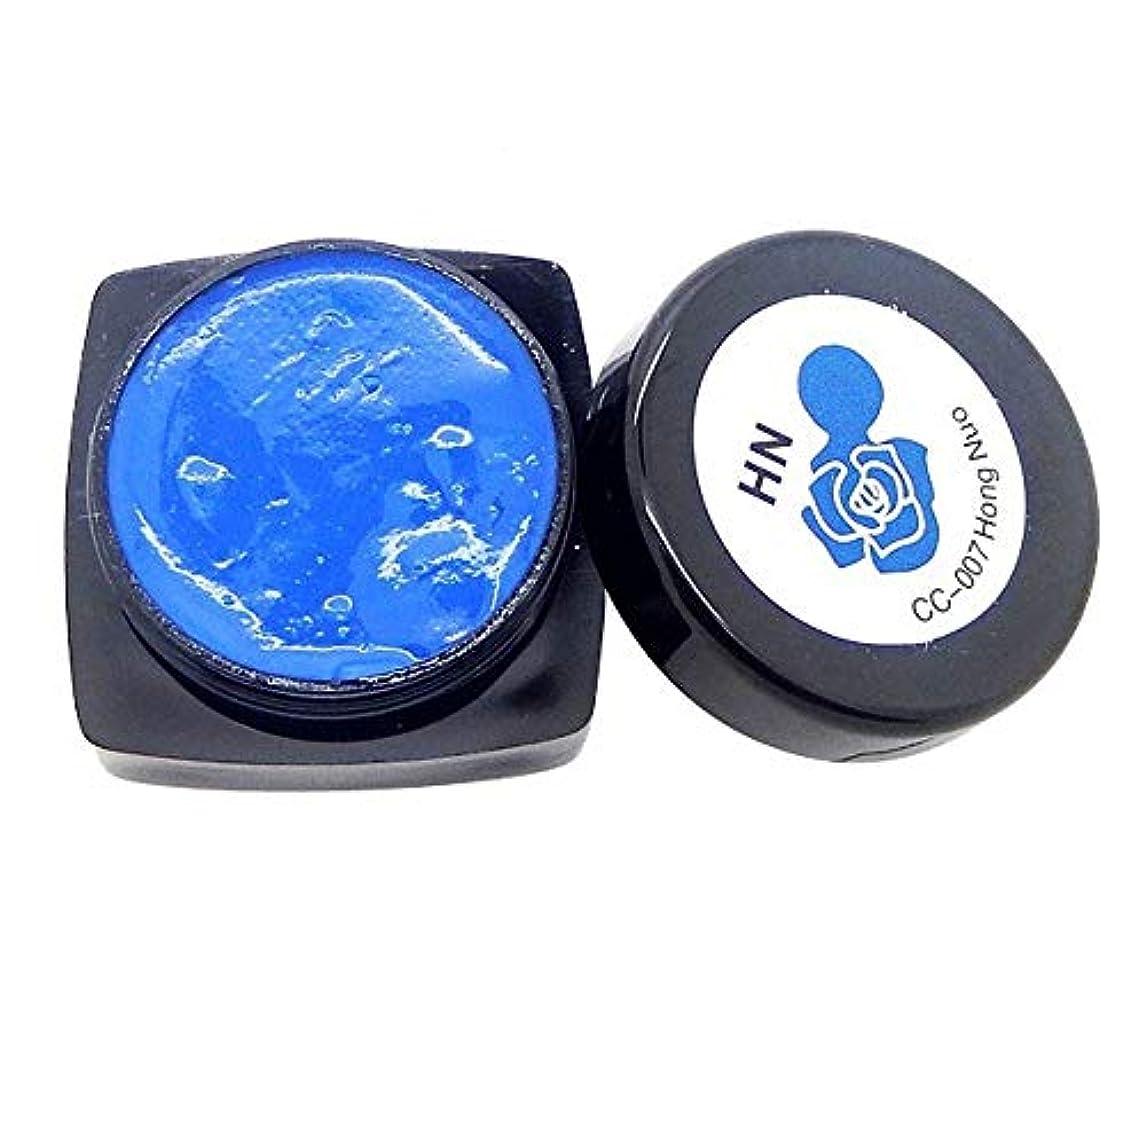 レビュアー褒賞予想するLazayyii 3D UV彫刻 マニキュアデコレーション ジェルカラーネイルアートチップクリエイティブ (G)